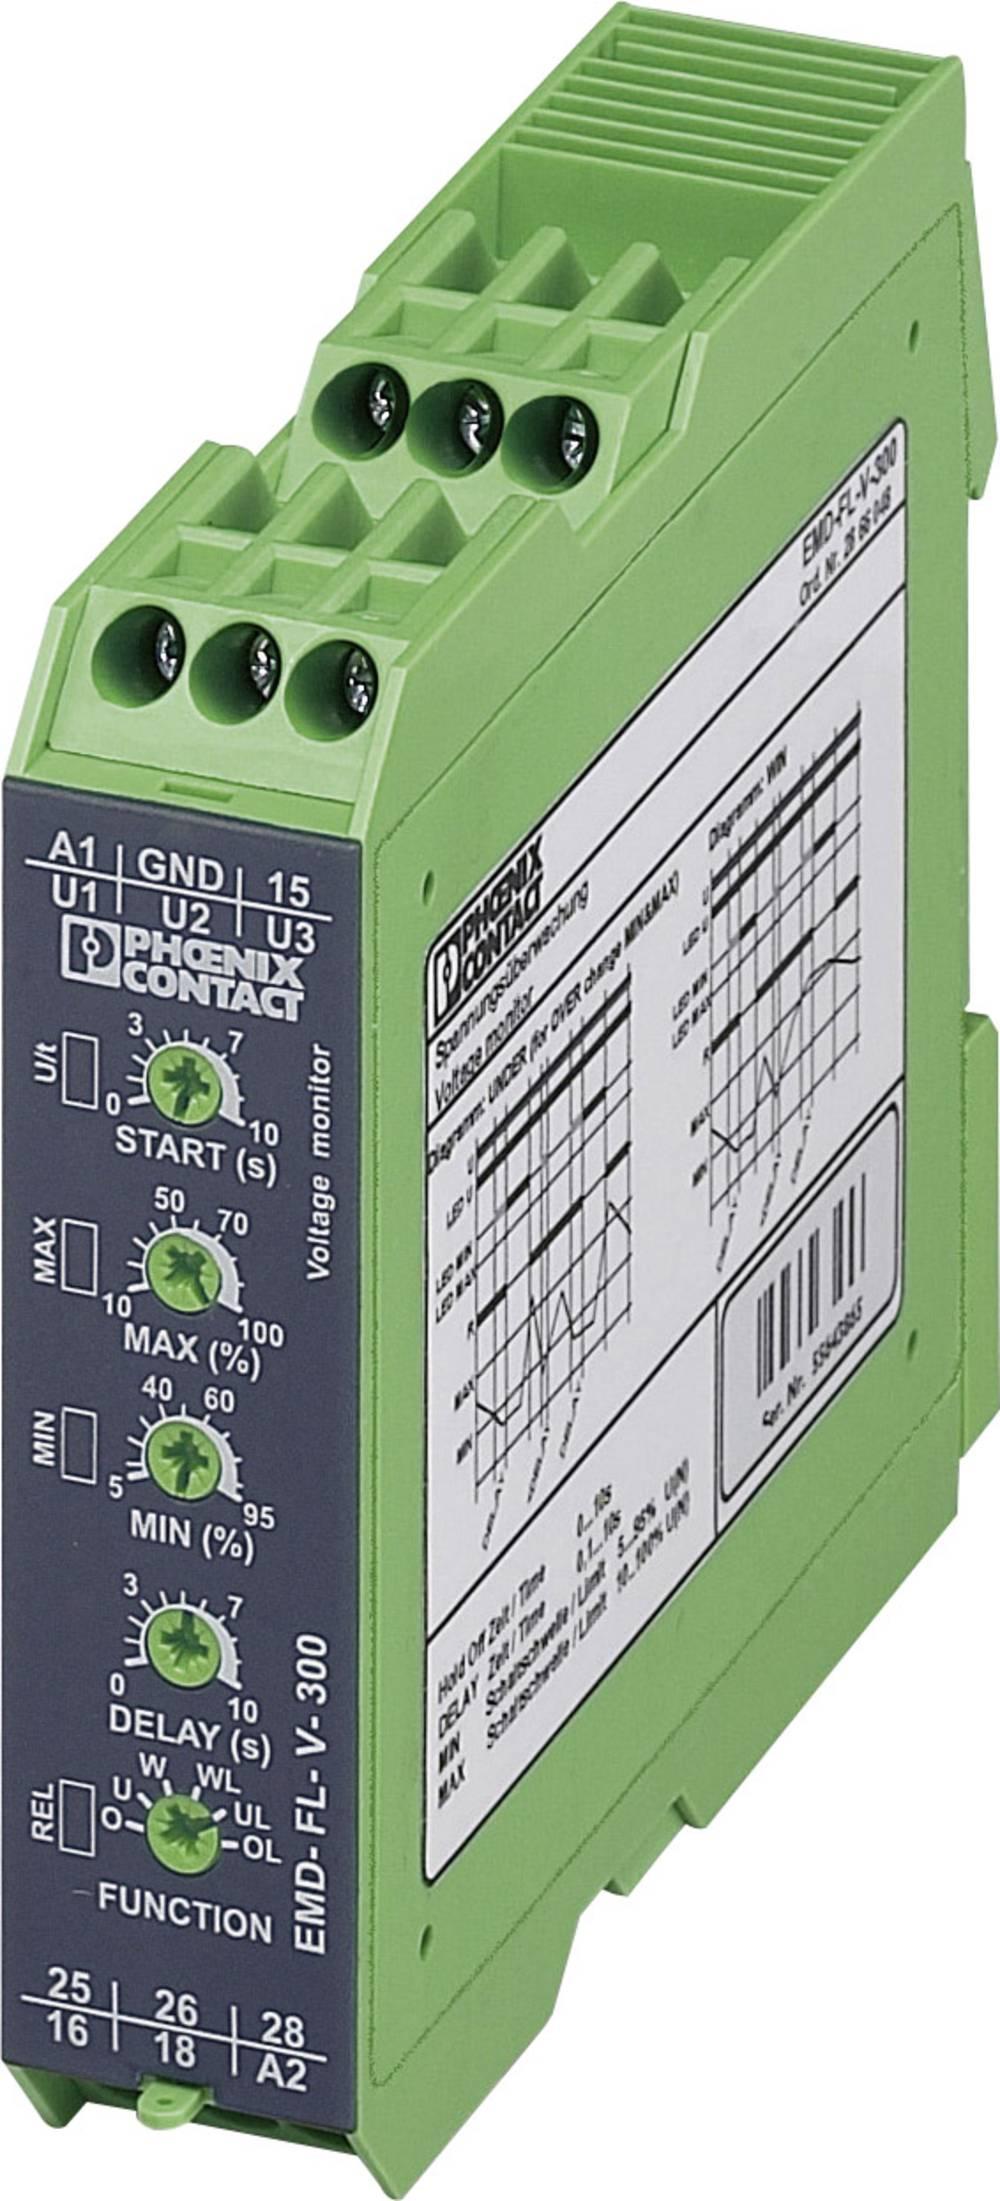 Overvågningsrelæer 2 x omskifter 1 stk Phoenix Contact EMD-FL-V-300 1-fase, Spænding, Overbelastning, Underspænding, Vindue, Fej